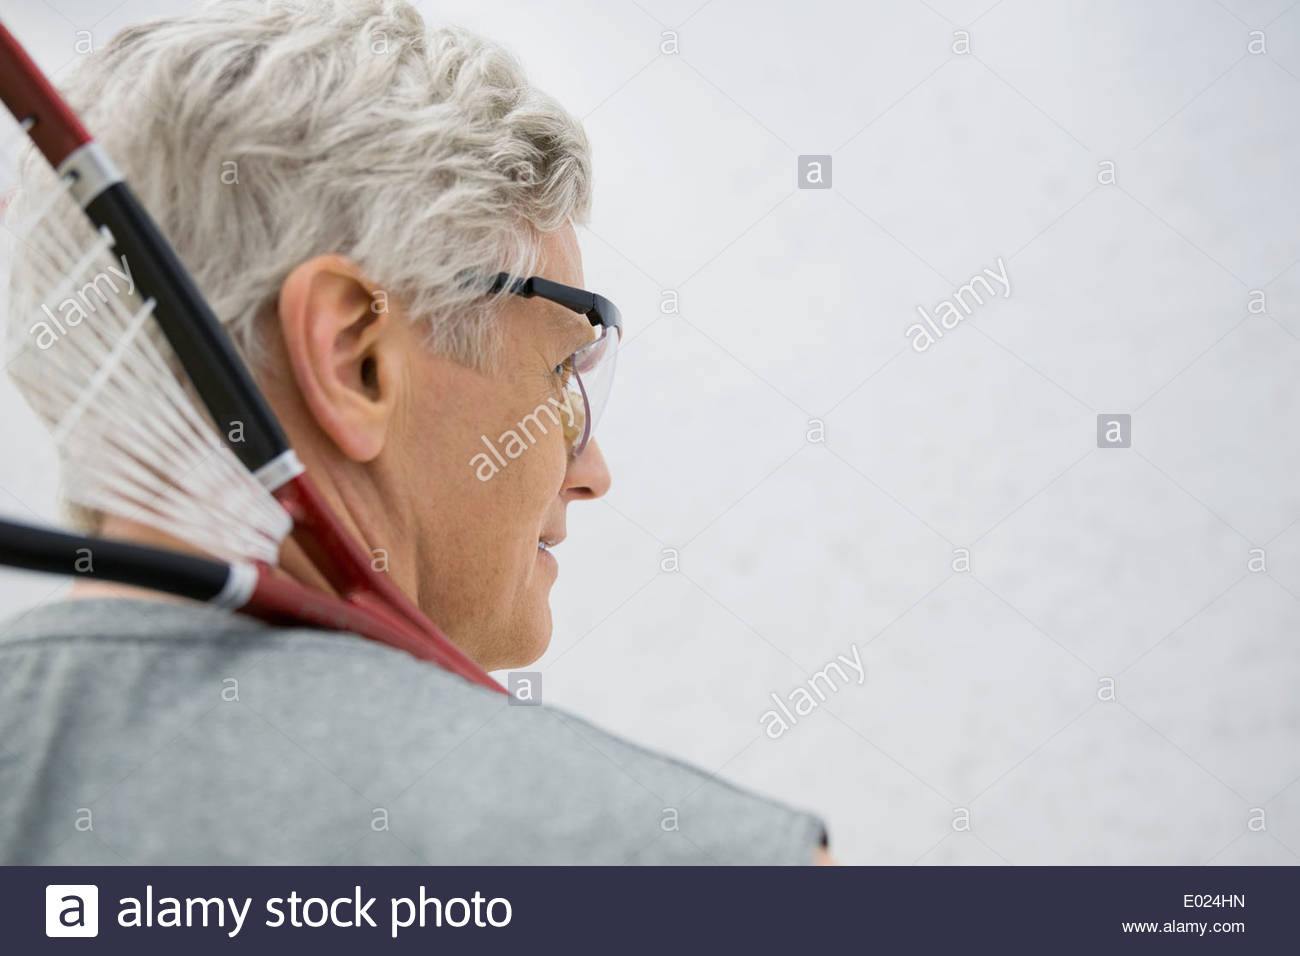 L'Homme à lunettes holding squash racket Photo Stock